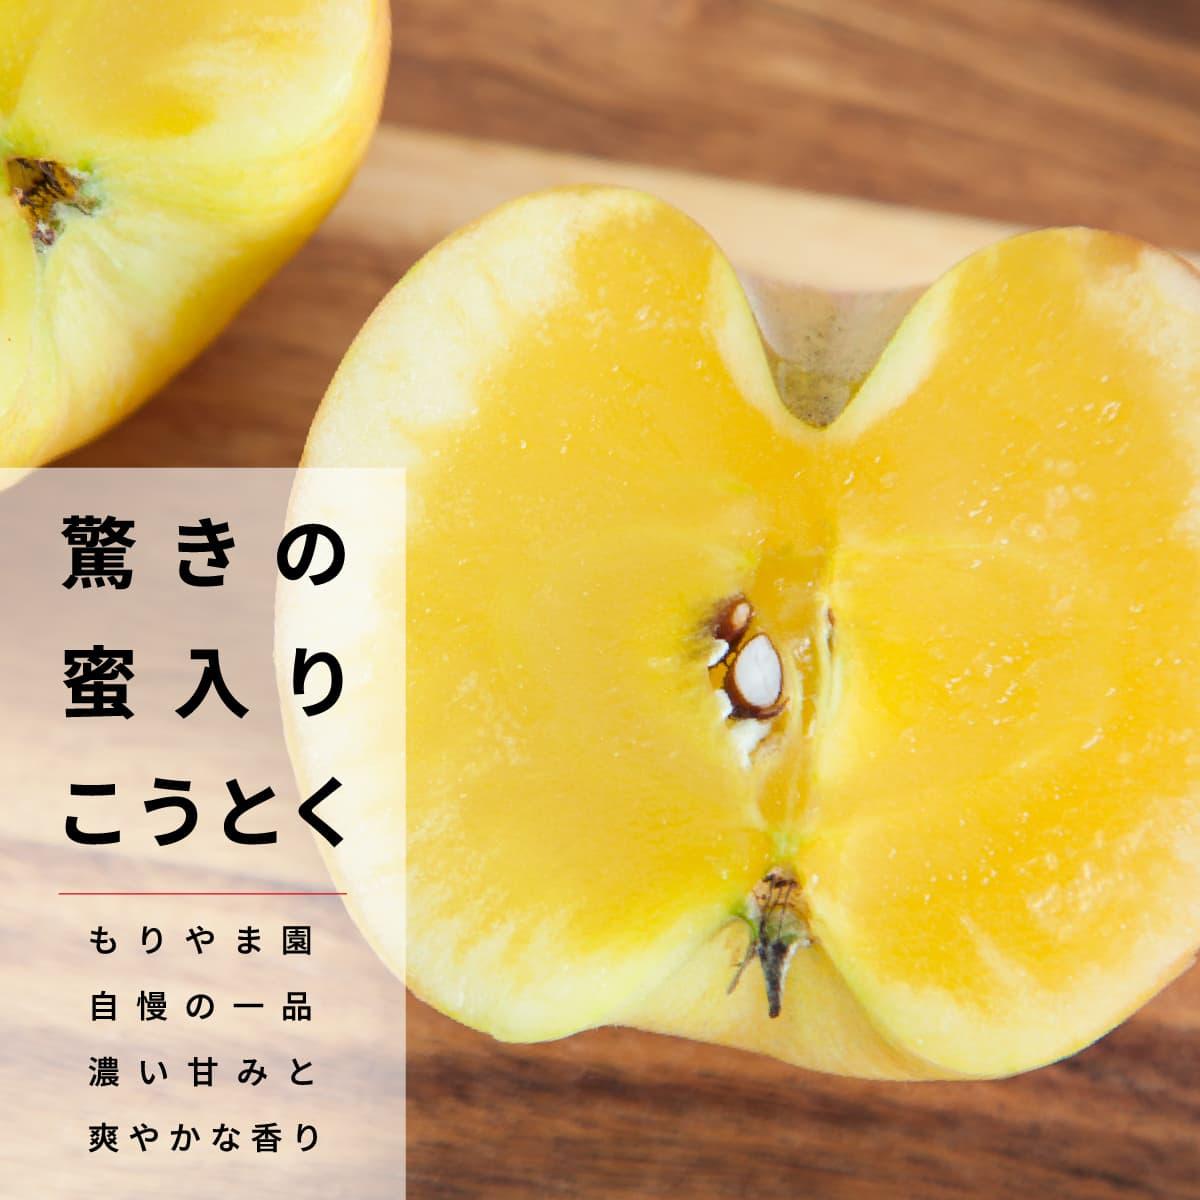 驚きの蜜入りこうとく|もりやま園自慢の一品濃い甘みと爽やかな香り。